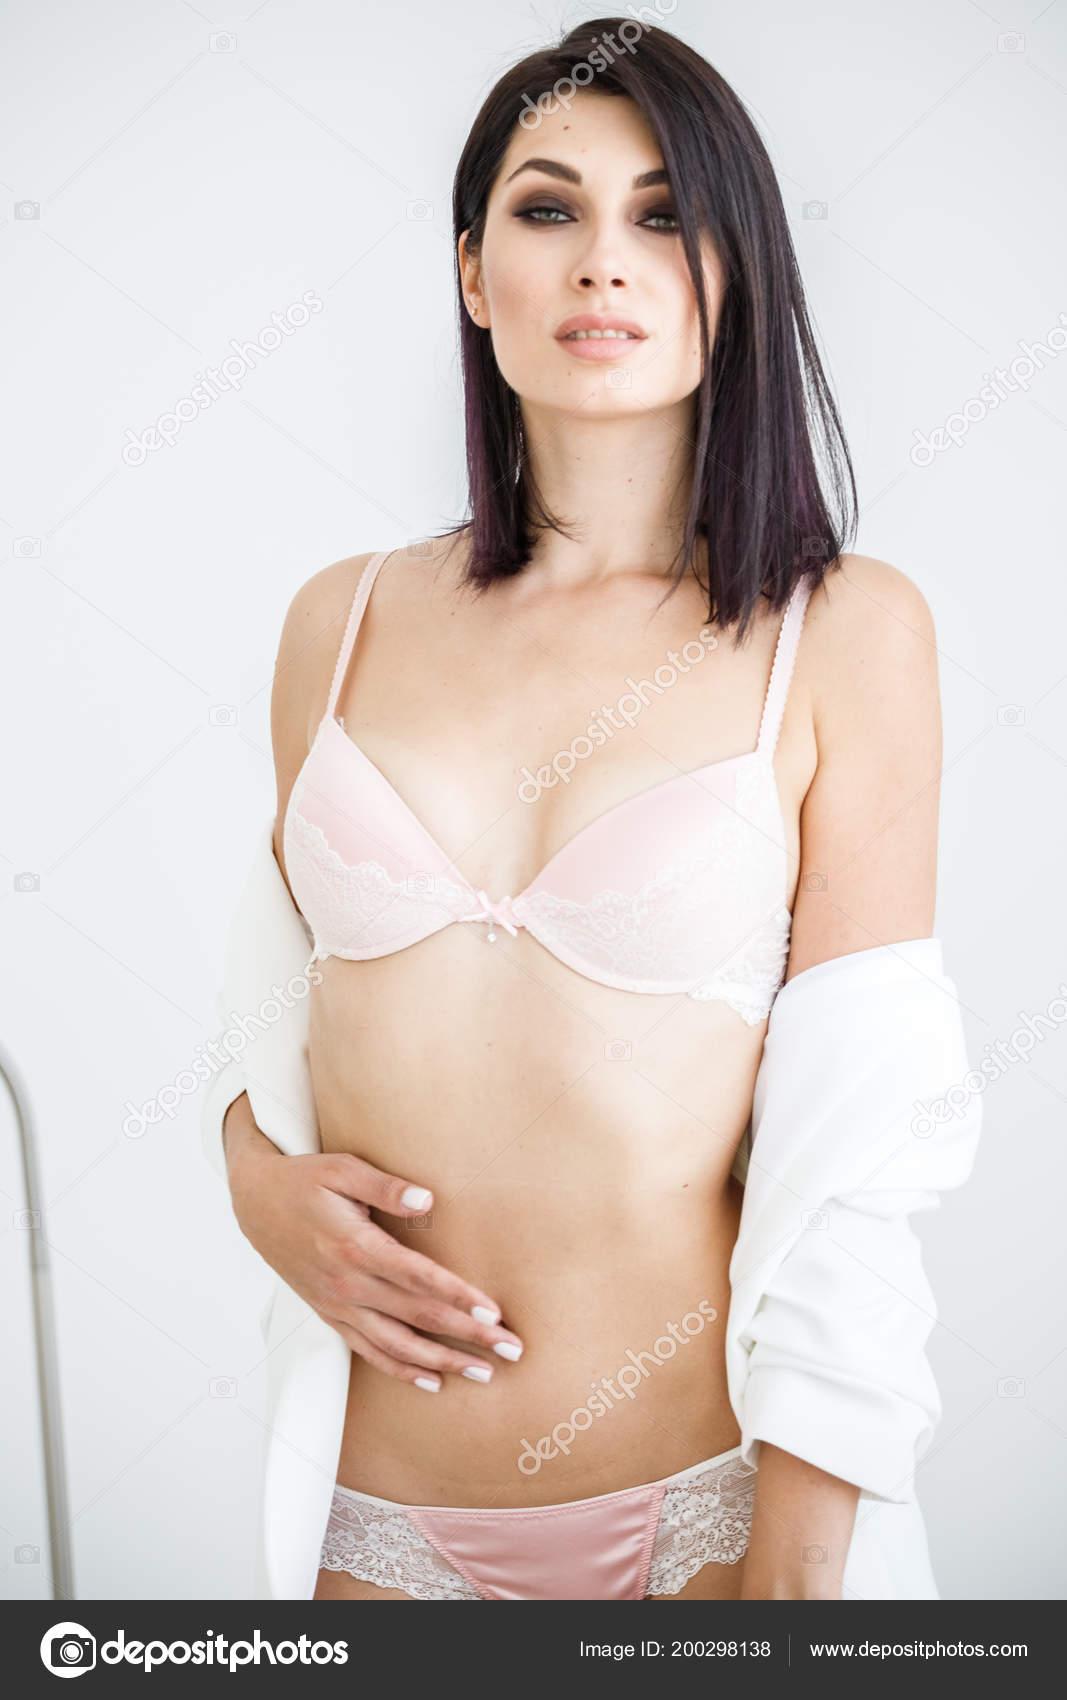 Retrato Estudio Hermosa Mujer Morena Vestida Con Chaqueta Blanca Pie